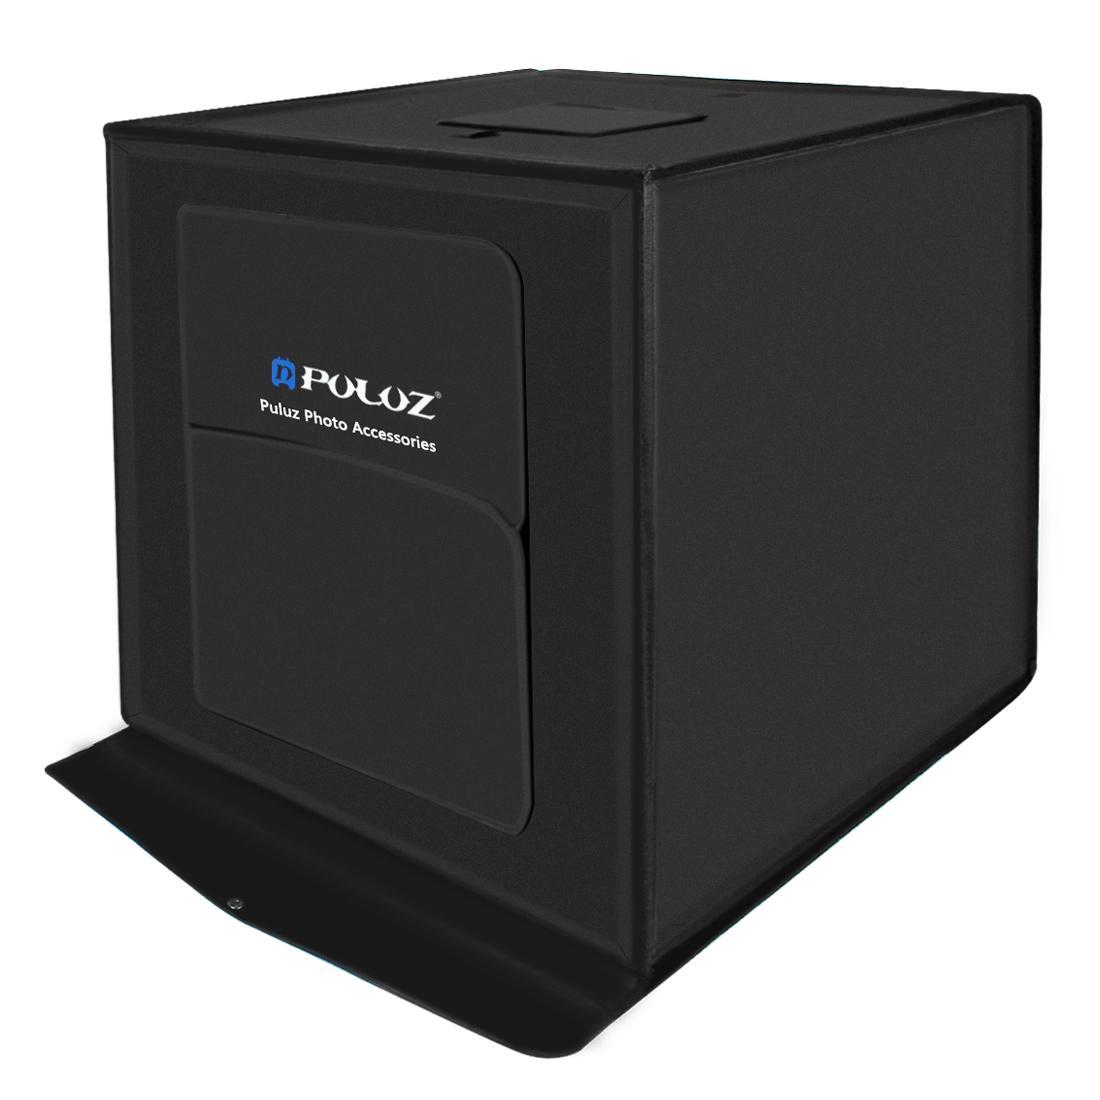 60*60*60cm portable LED photo studio Light Tent set+3 Backdrops+dimmer switch +EU Plug photography tent kit mini box photo box